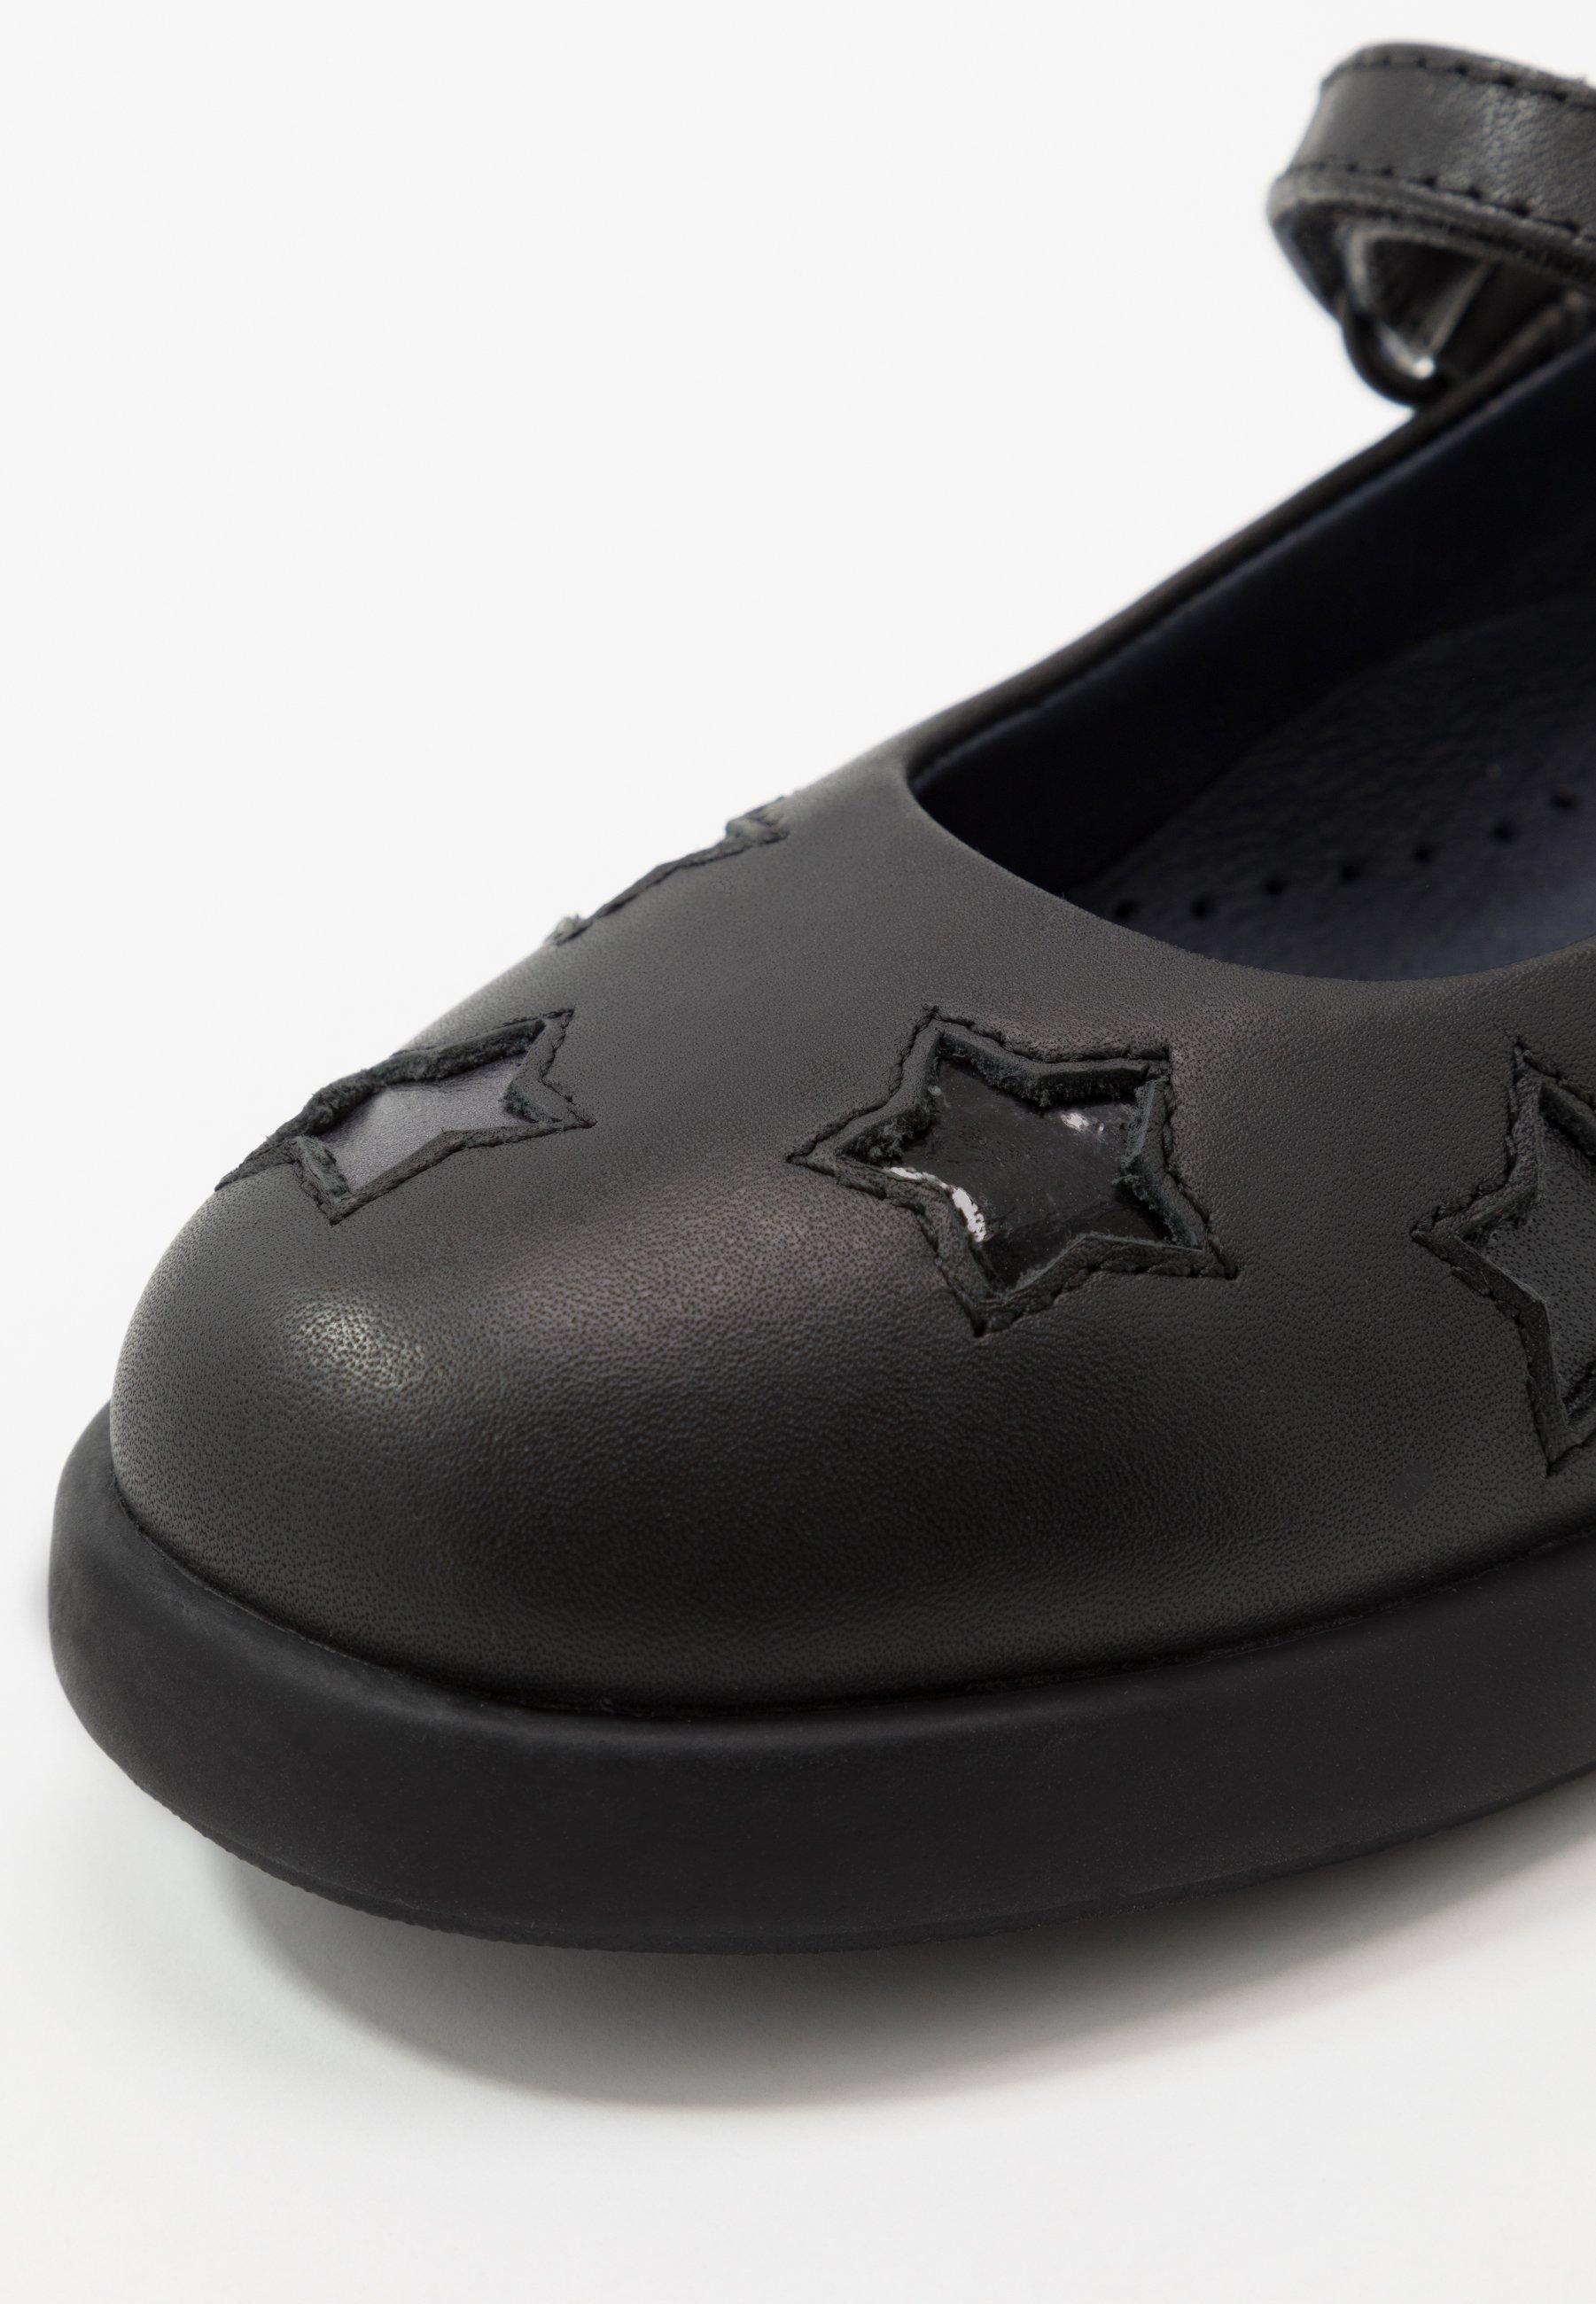 Nouveau style Meilleurs prix Camper KIDS Babies black aqi06